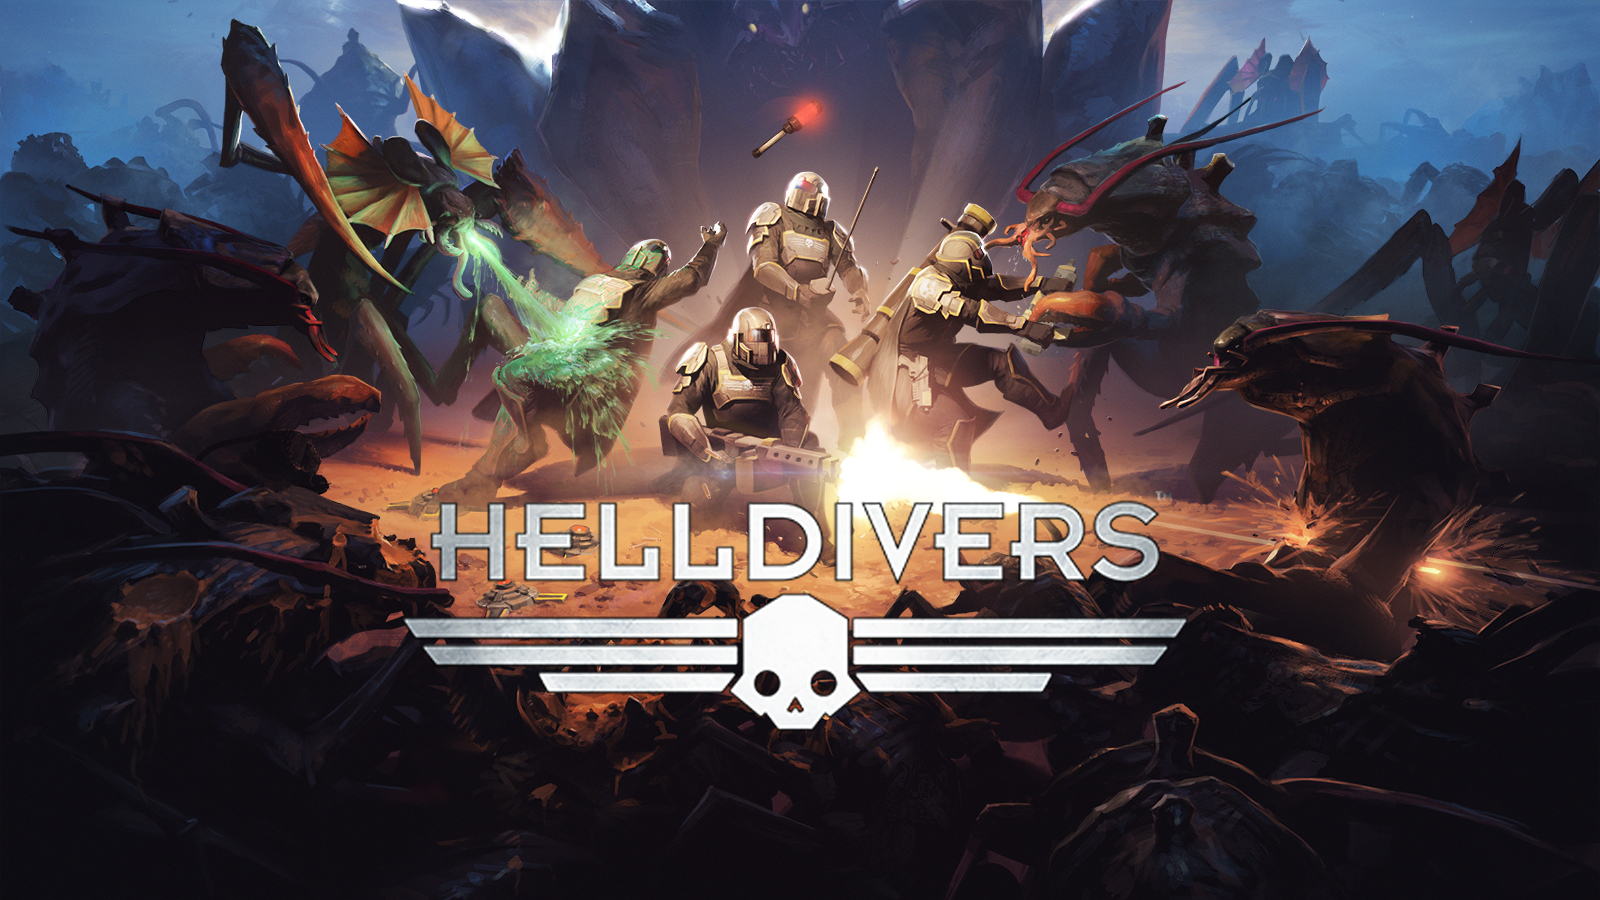 رسمياً قدوم لعبة HELLDIVERS لمنصة PC شاهد عرضها الأول